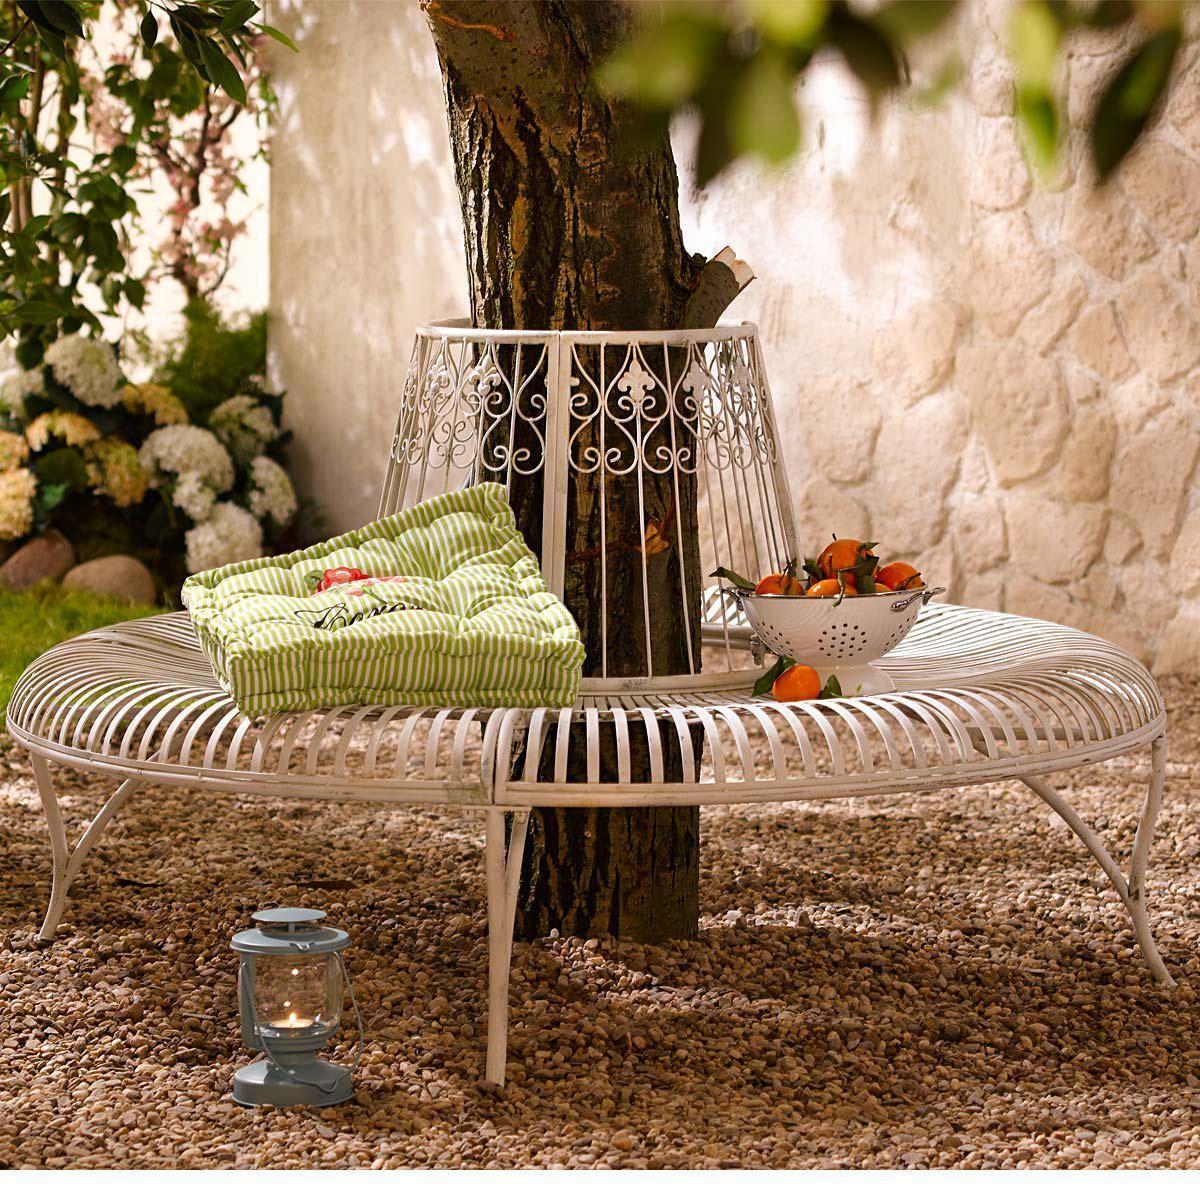 Gartenbank Rund Metall sch0001-1858184-957 10 | Garten | Pinterest ...